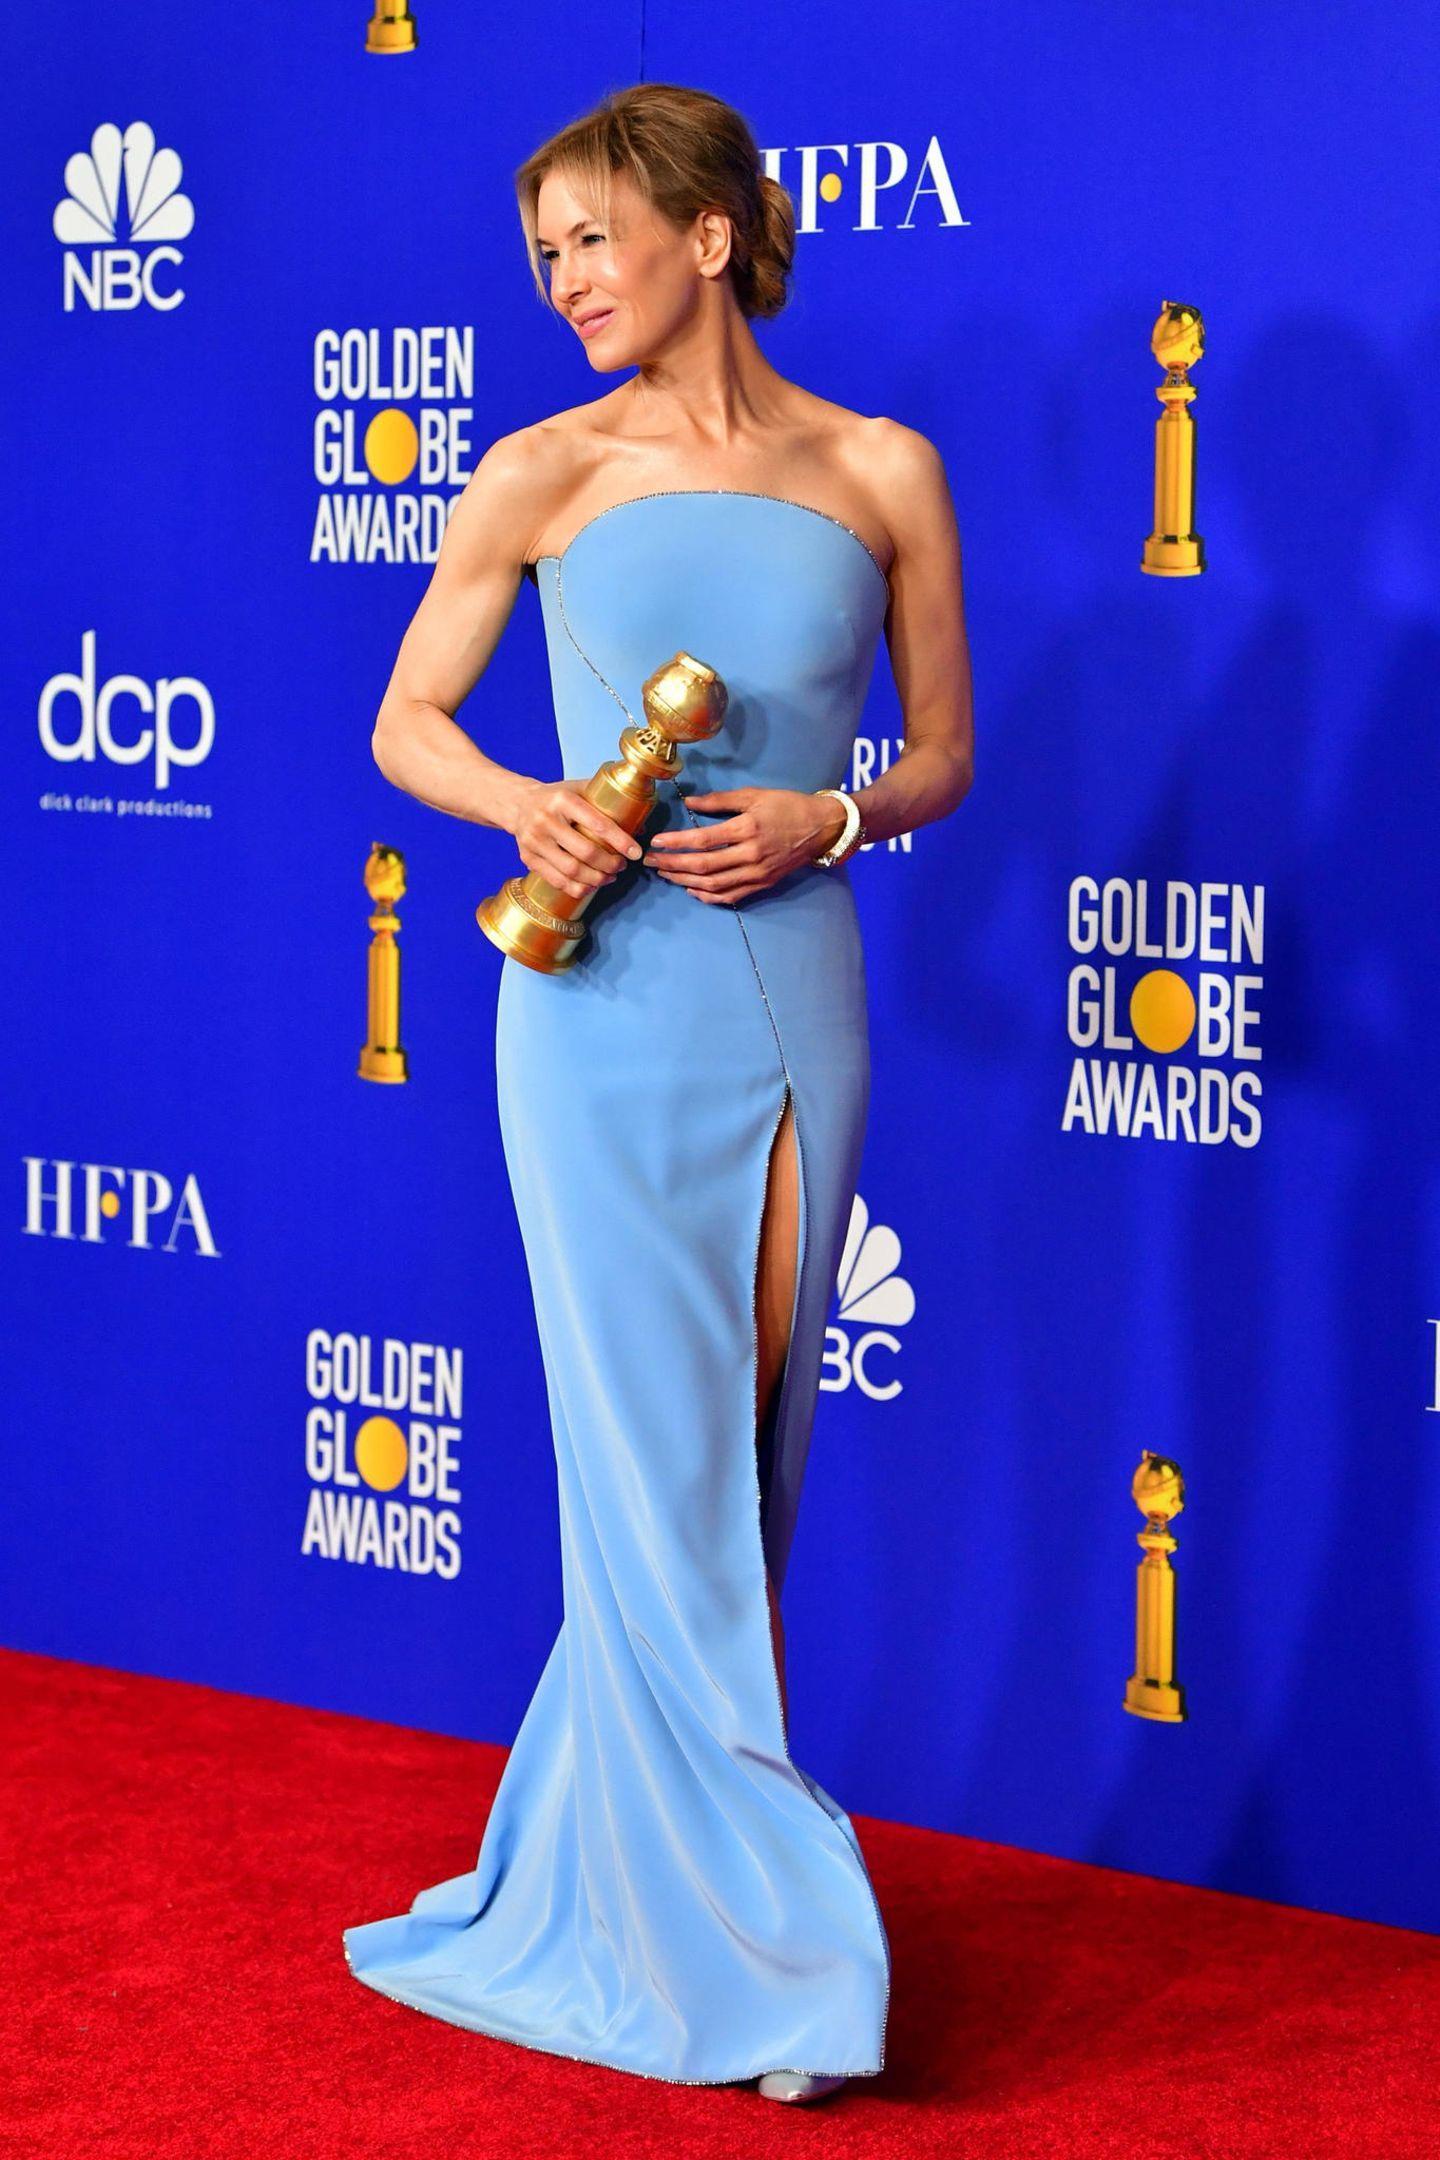 Eine wahre Hollywood-Schönheit ist Golden-Globe-Gewinnerin Renée Zellweger in ihrem Look von Armani Privé.